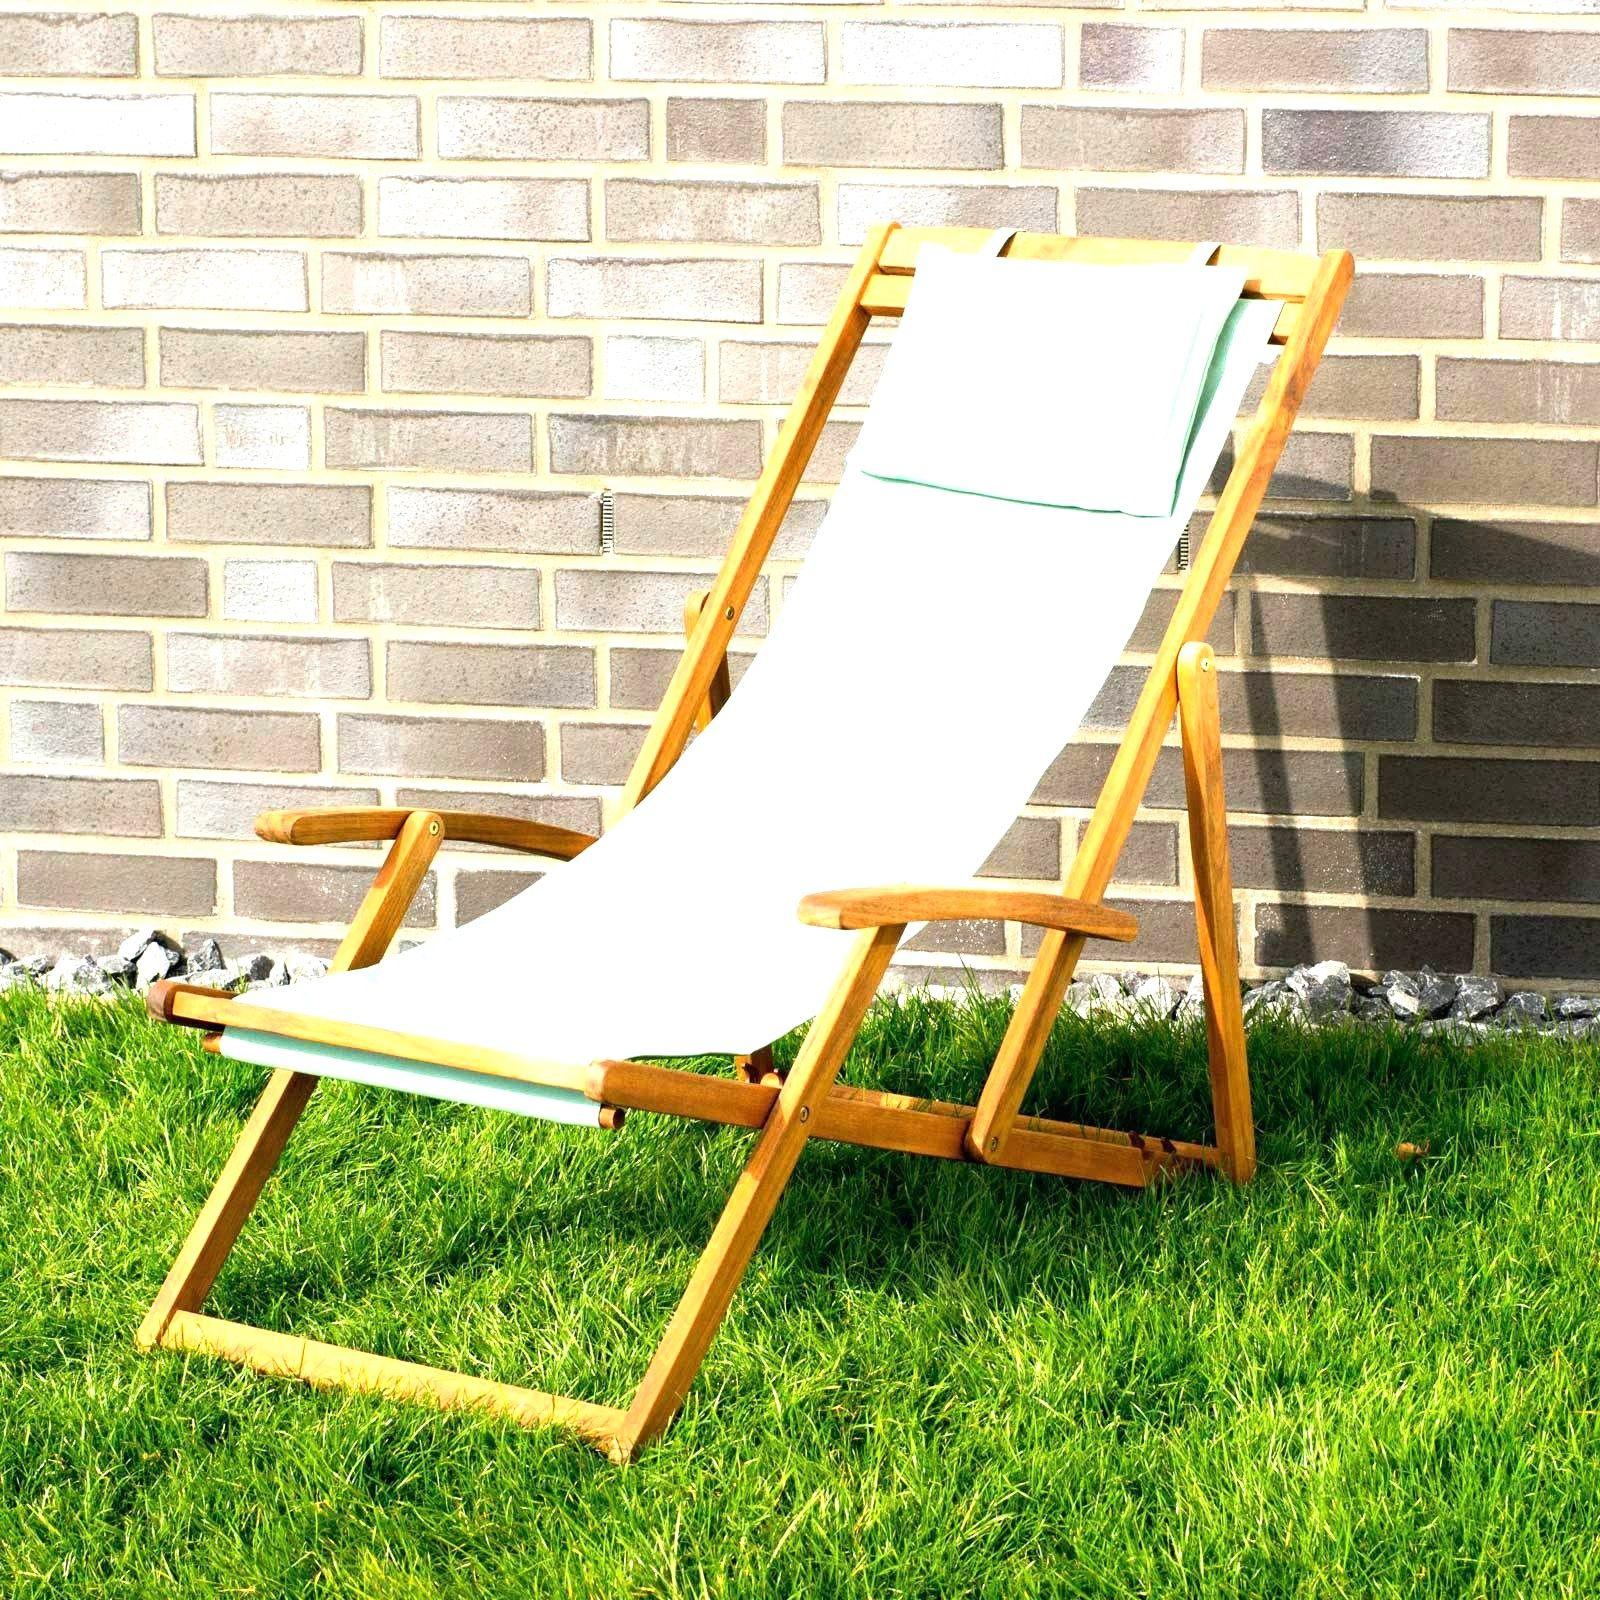 Full Size of Liegestuhl Ikea Garten Modulküche Küche Kaufen Betten Bei Kosten 160x200 Miniküche Sofa Mit Schlaffunktion Wohnzimmer Liegestuhl Ikea